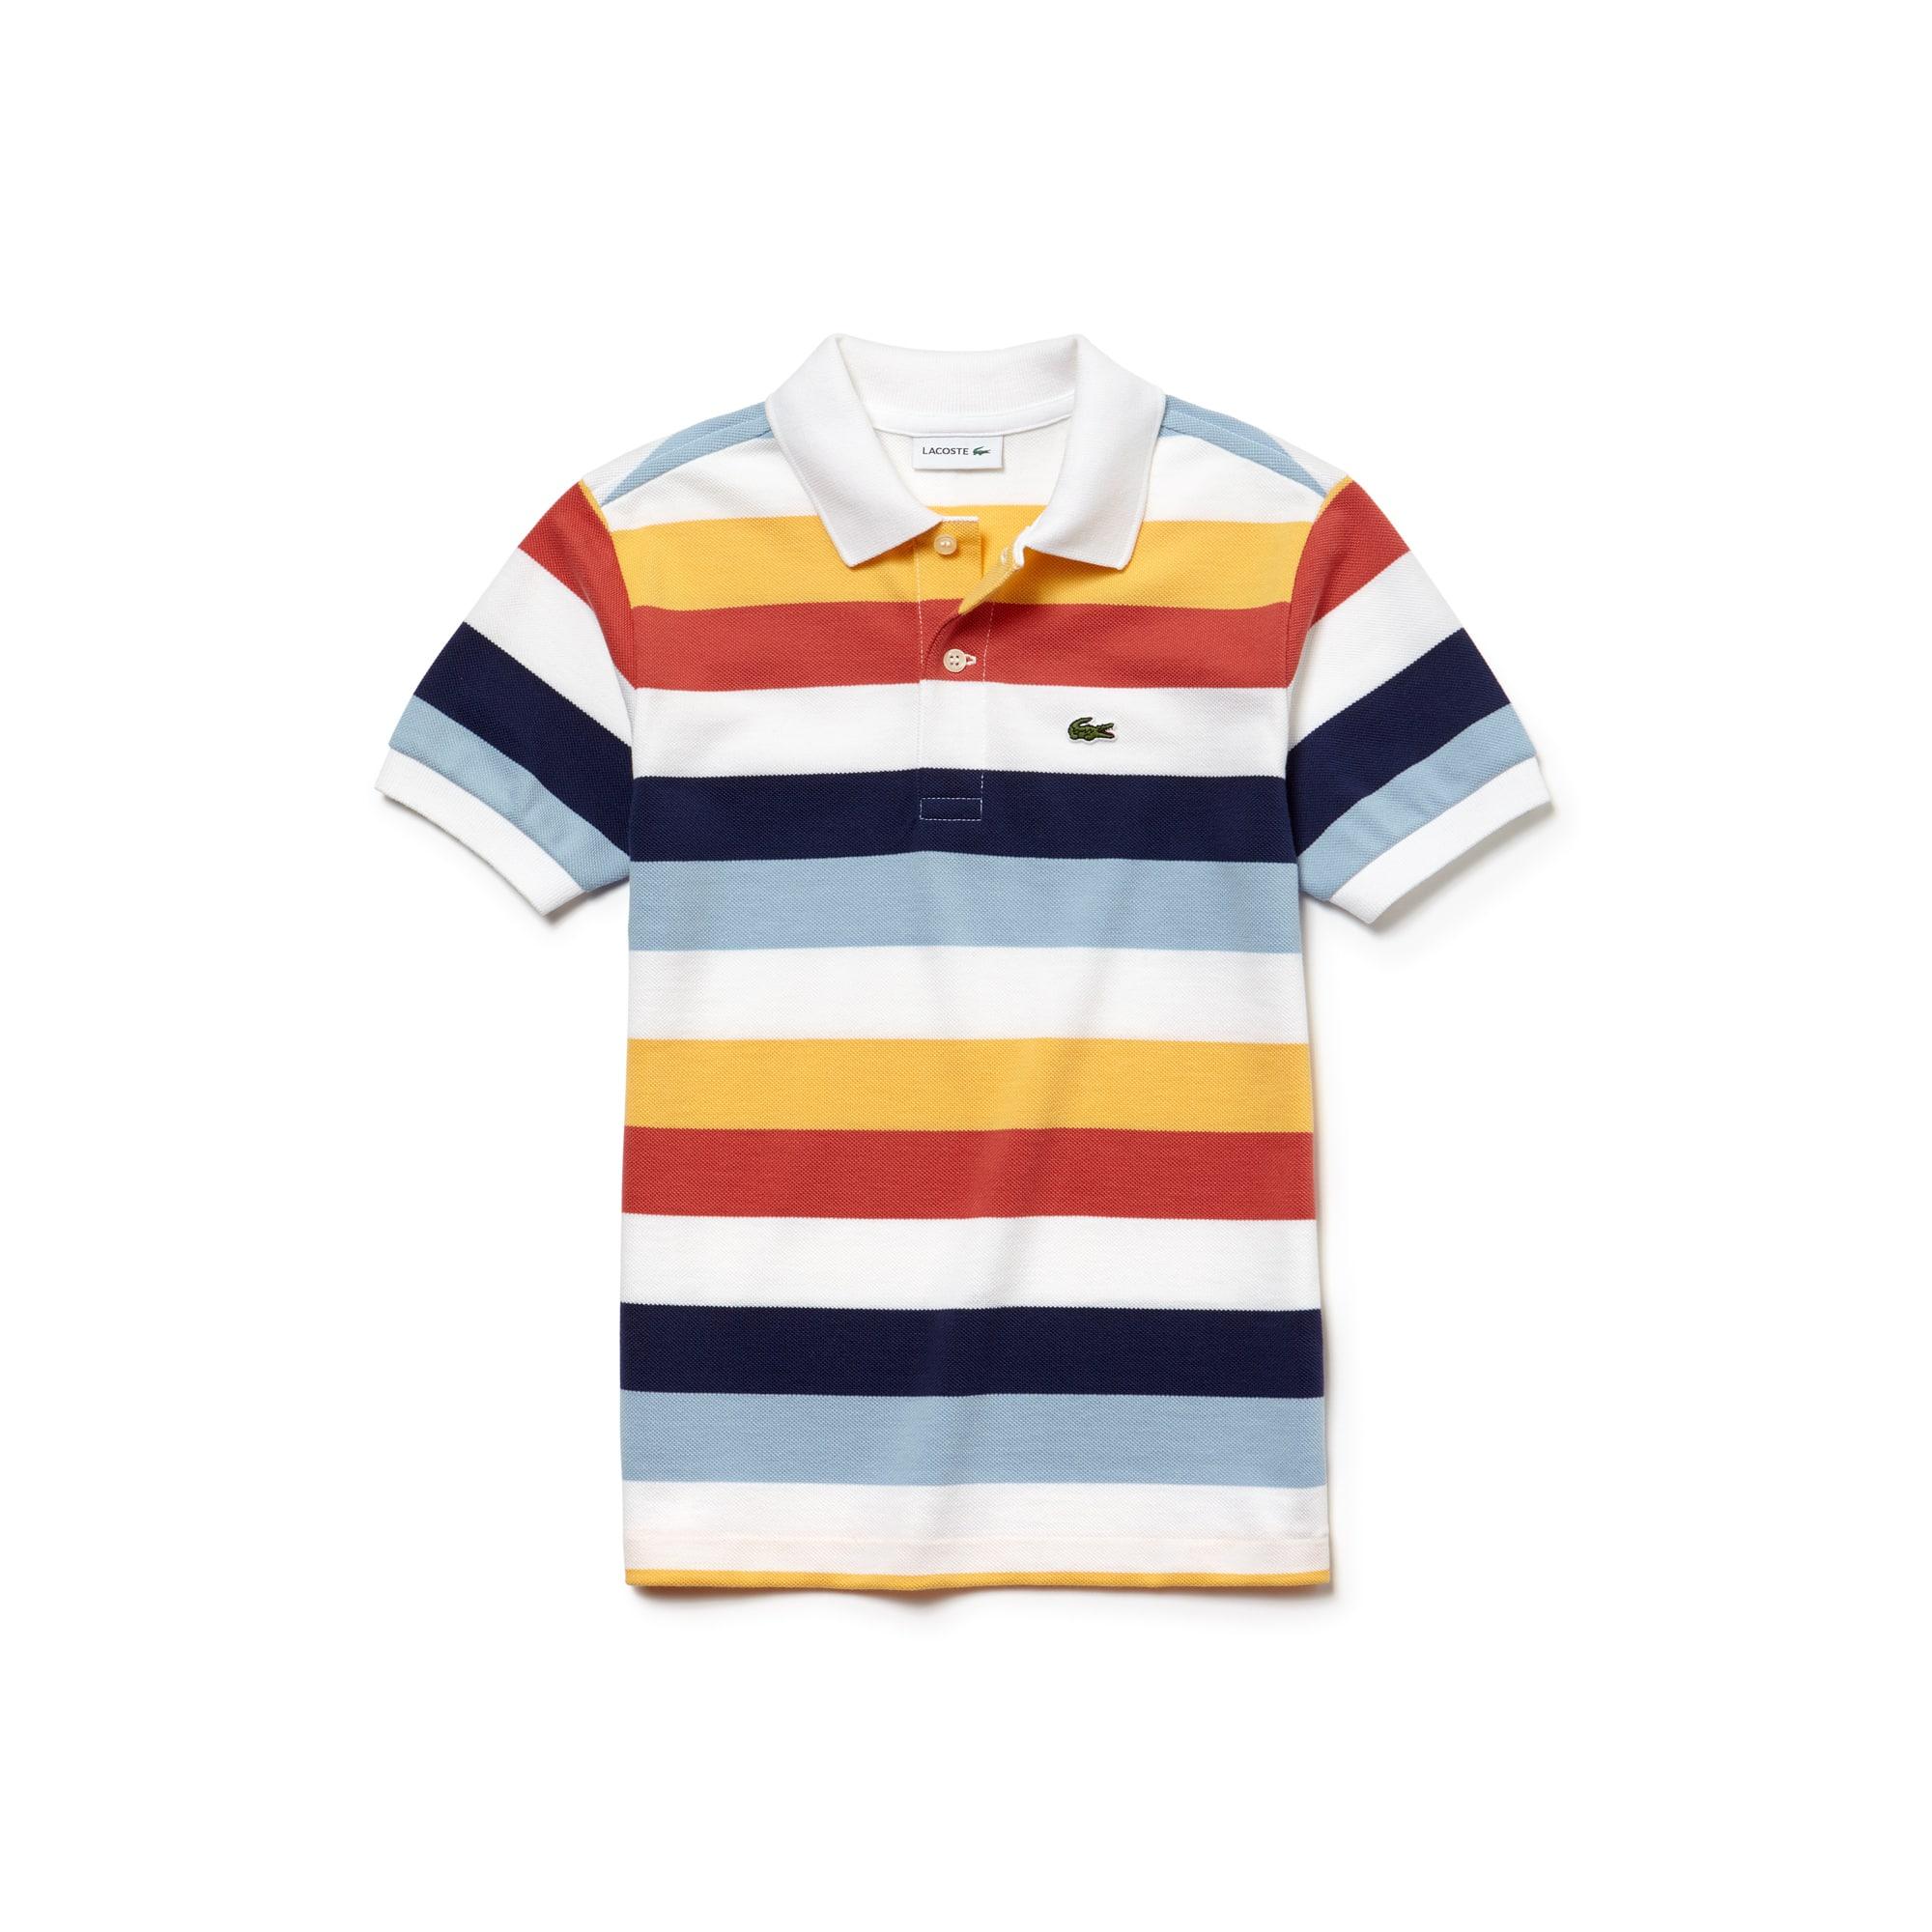 Camisa Polo Lacoste Masculina Infantil Em Pique Com Listras